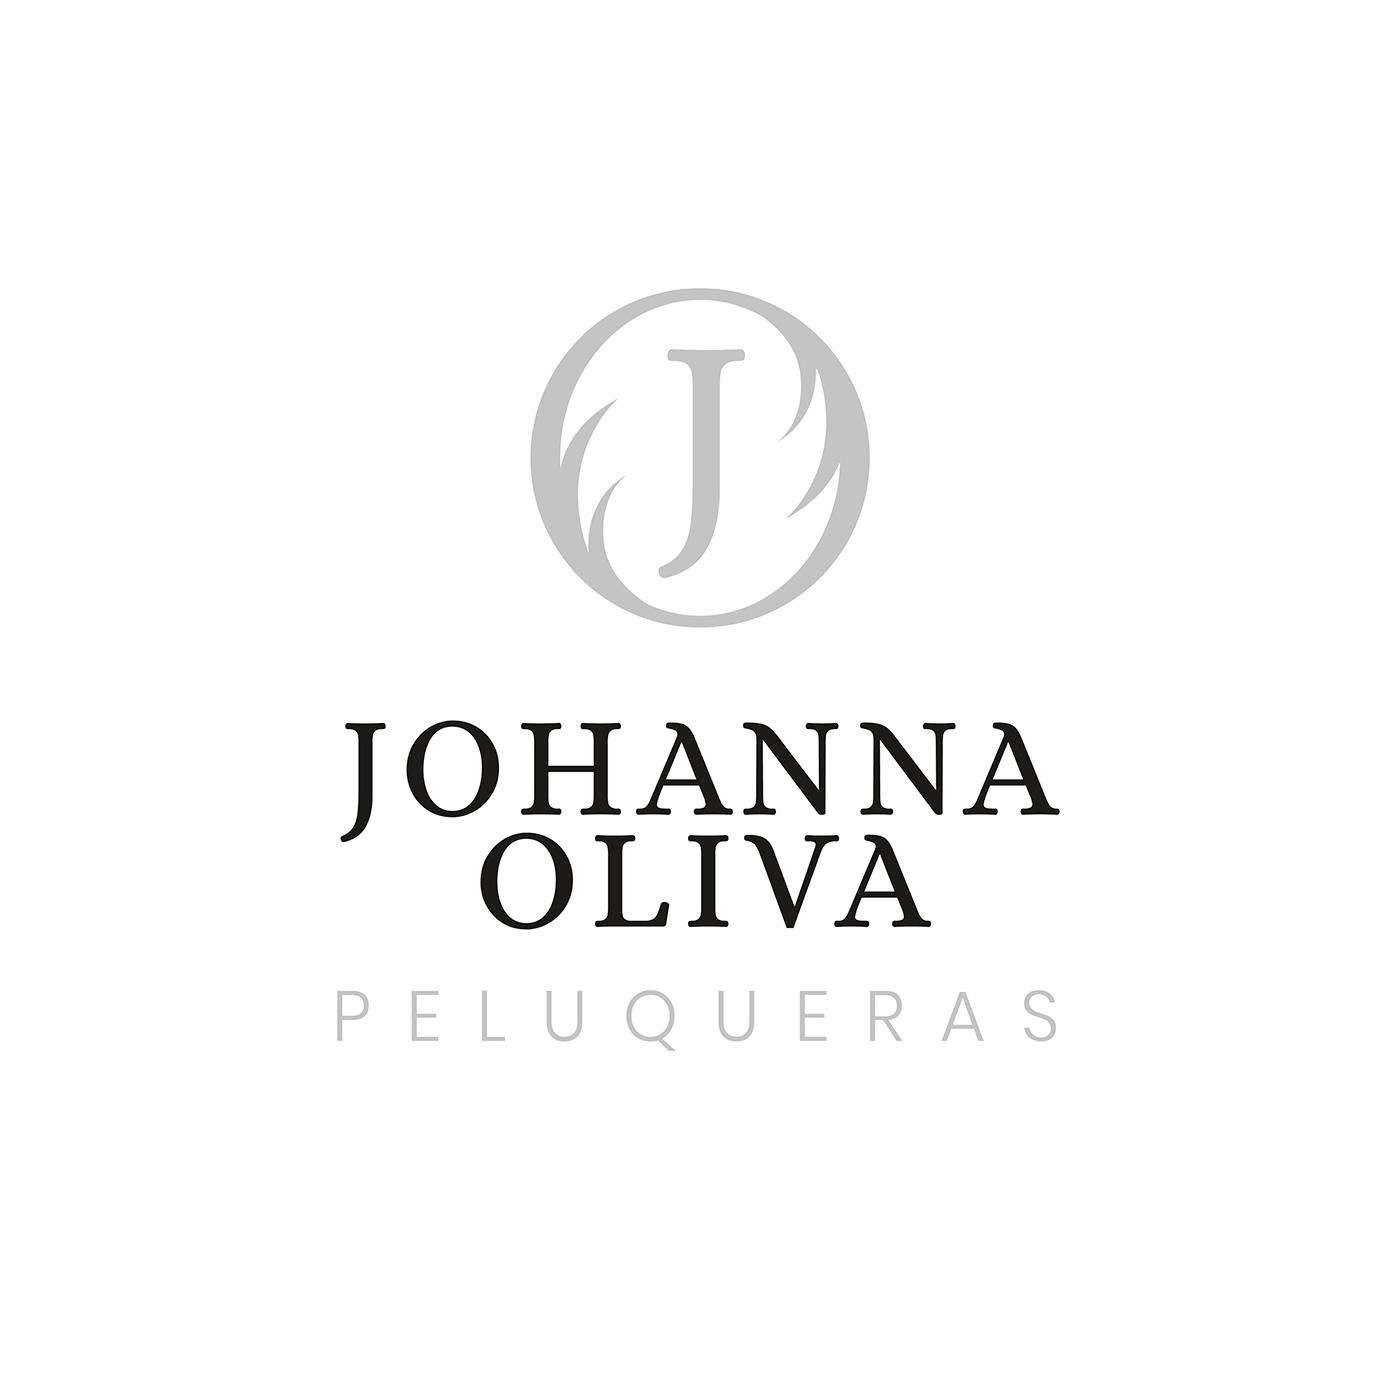 diseno-logo-peluqueria-johanna-oliva